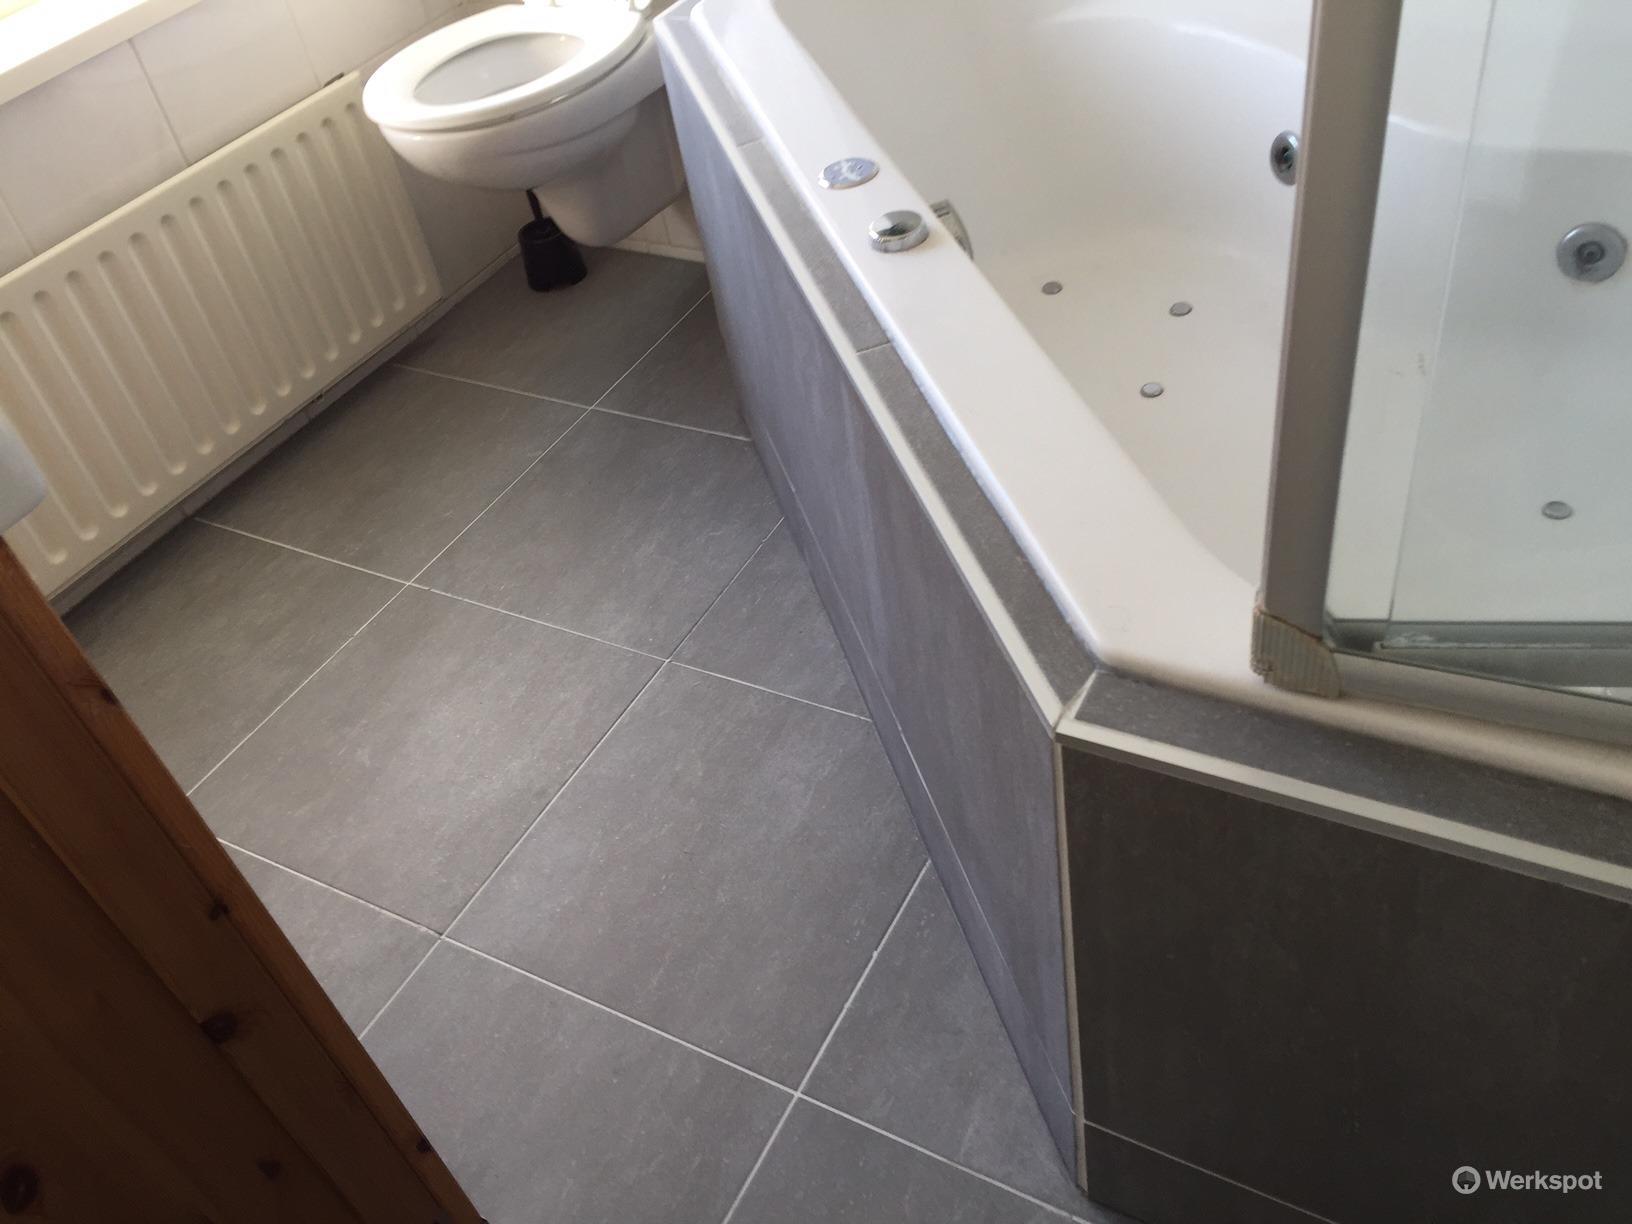 Badkamer Betegelen Tips : Badkamer betegelen bad waarom ventileren in de badkamer zo